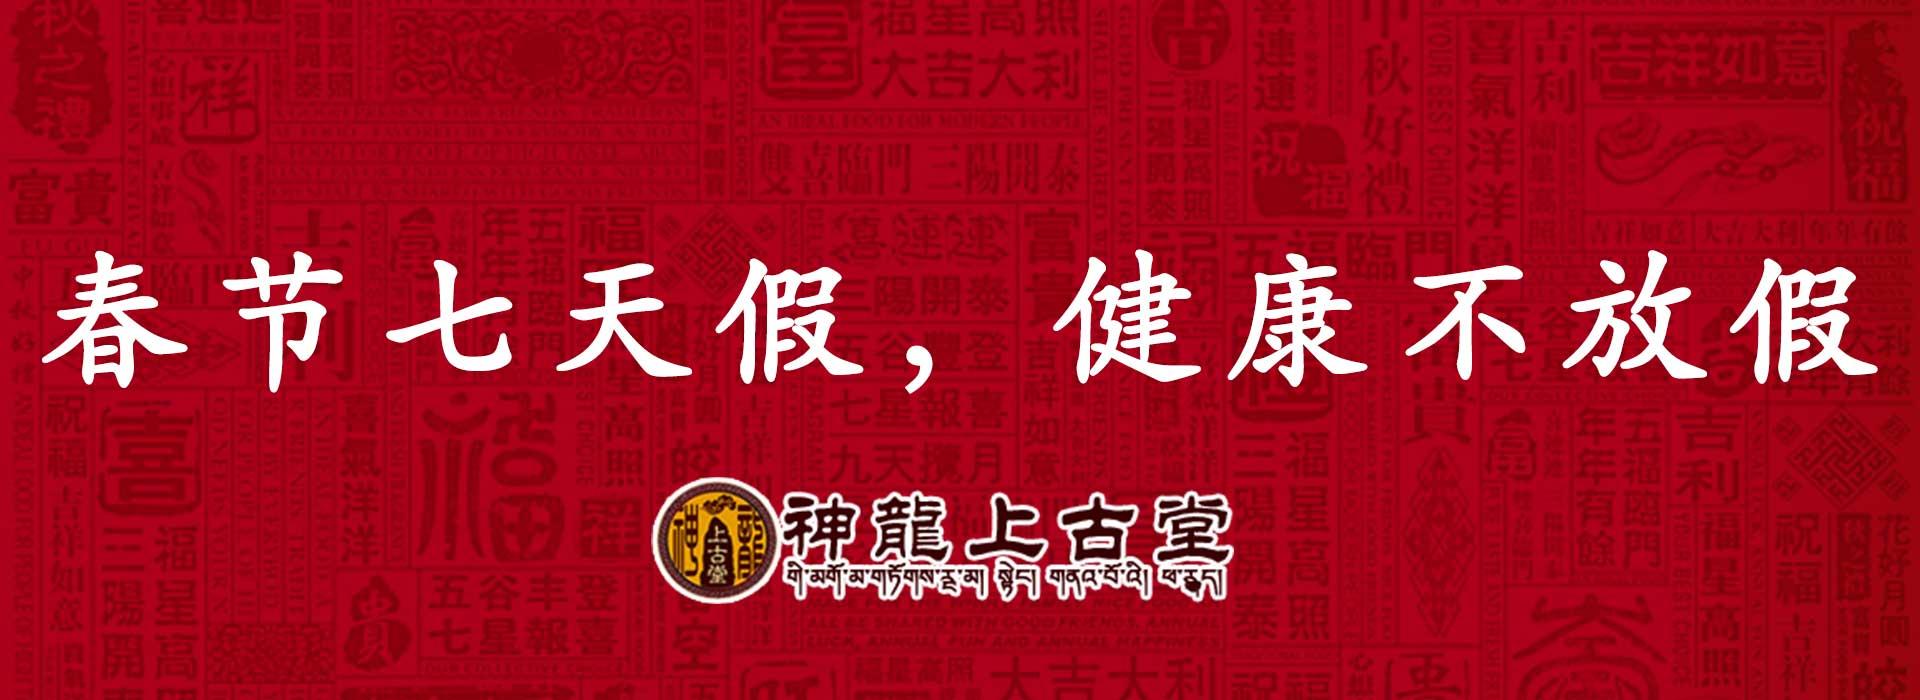 2020新年快乐,福寿康宁